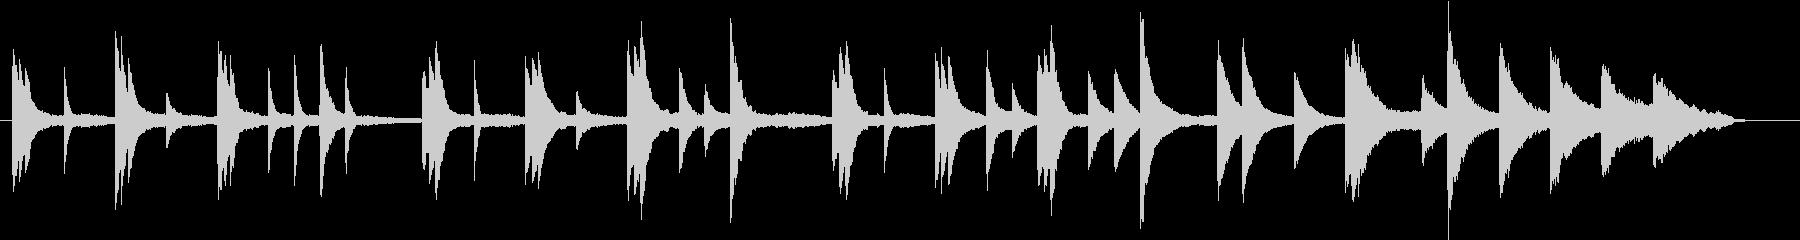 秋のイメージのピアノ03の未再生の波形